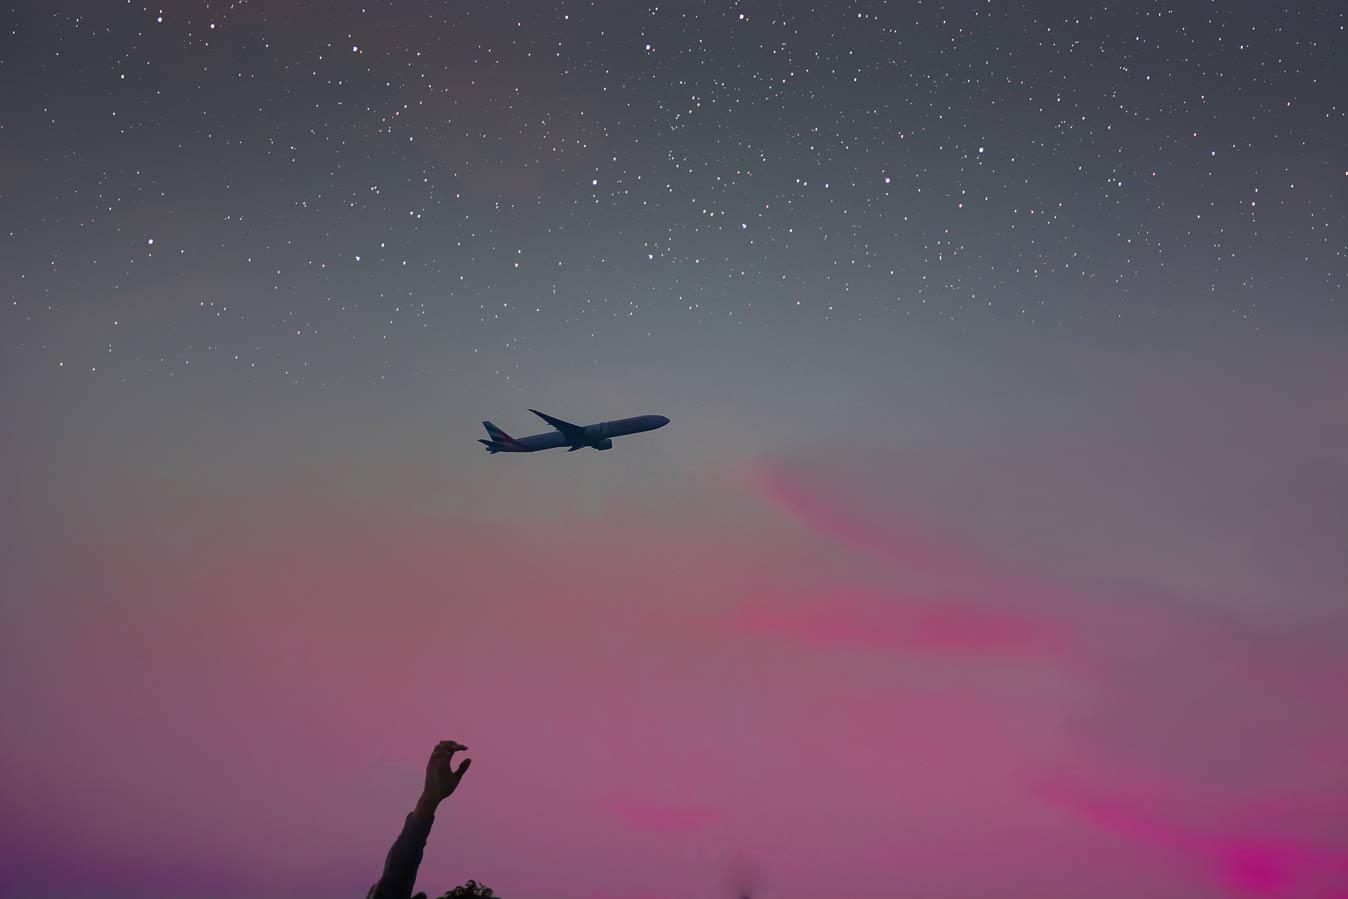 В ЕС предложили частично заправлять пассажирские самолеты «зеленым» топливом